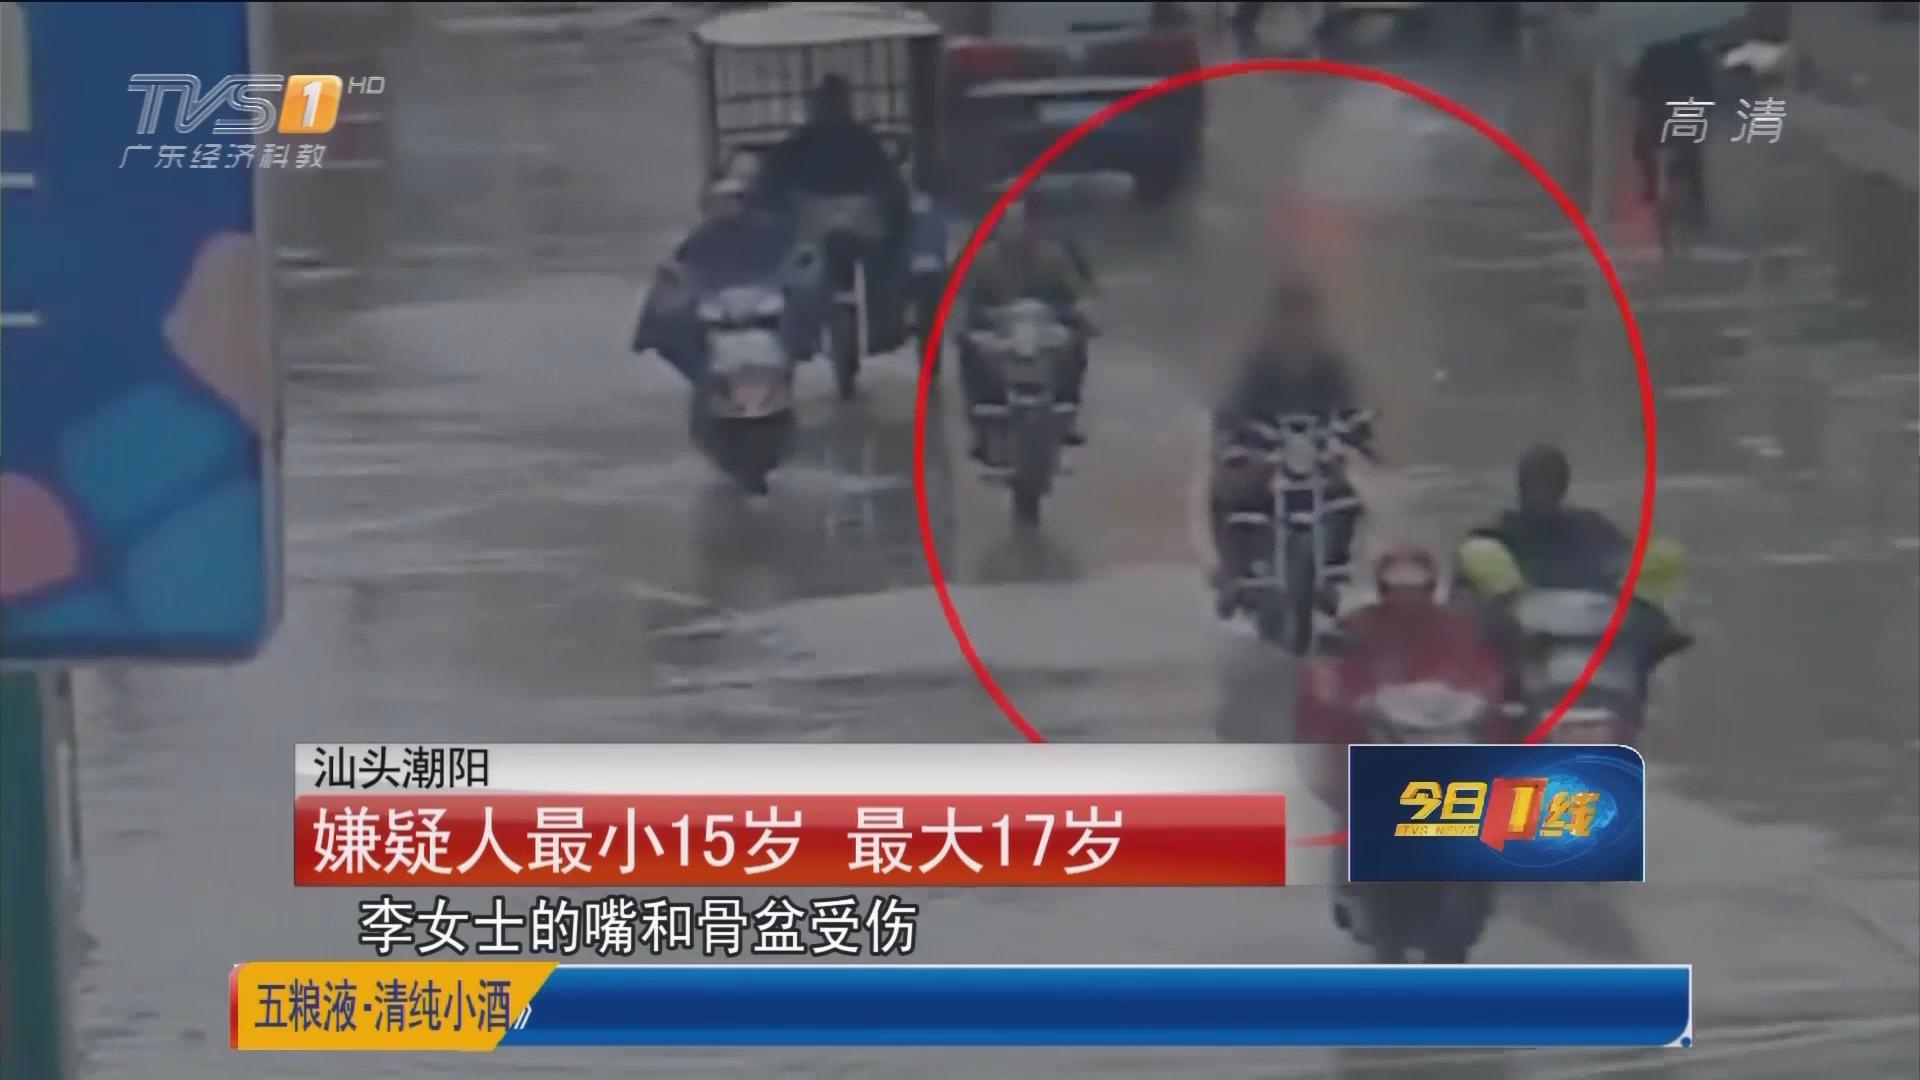 汕头潮阳:路人遇飞抢拖行 三疑犯落网